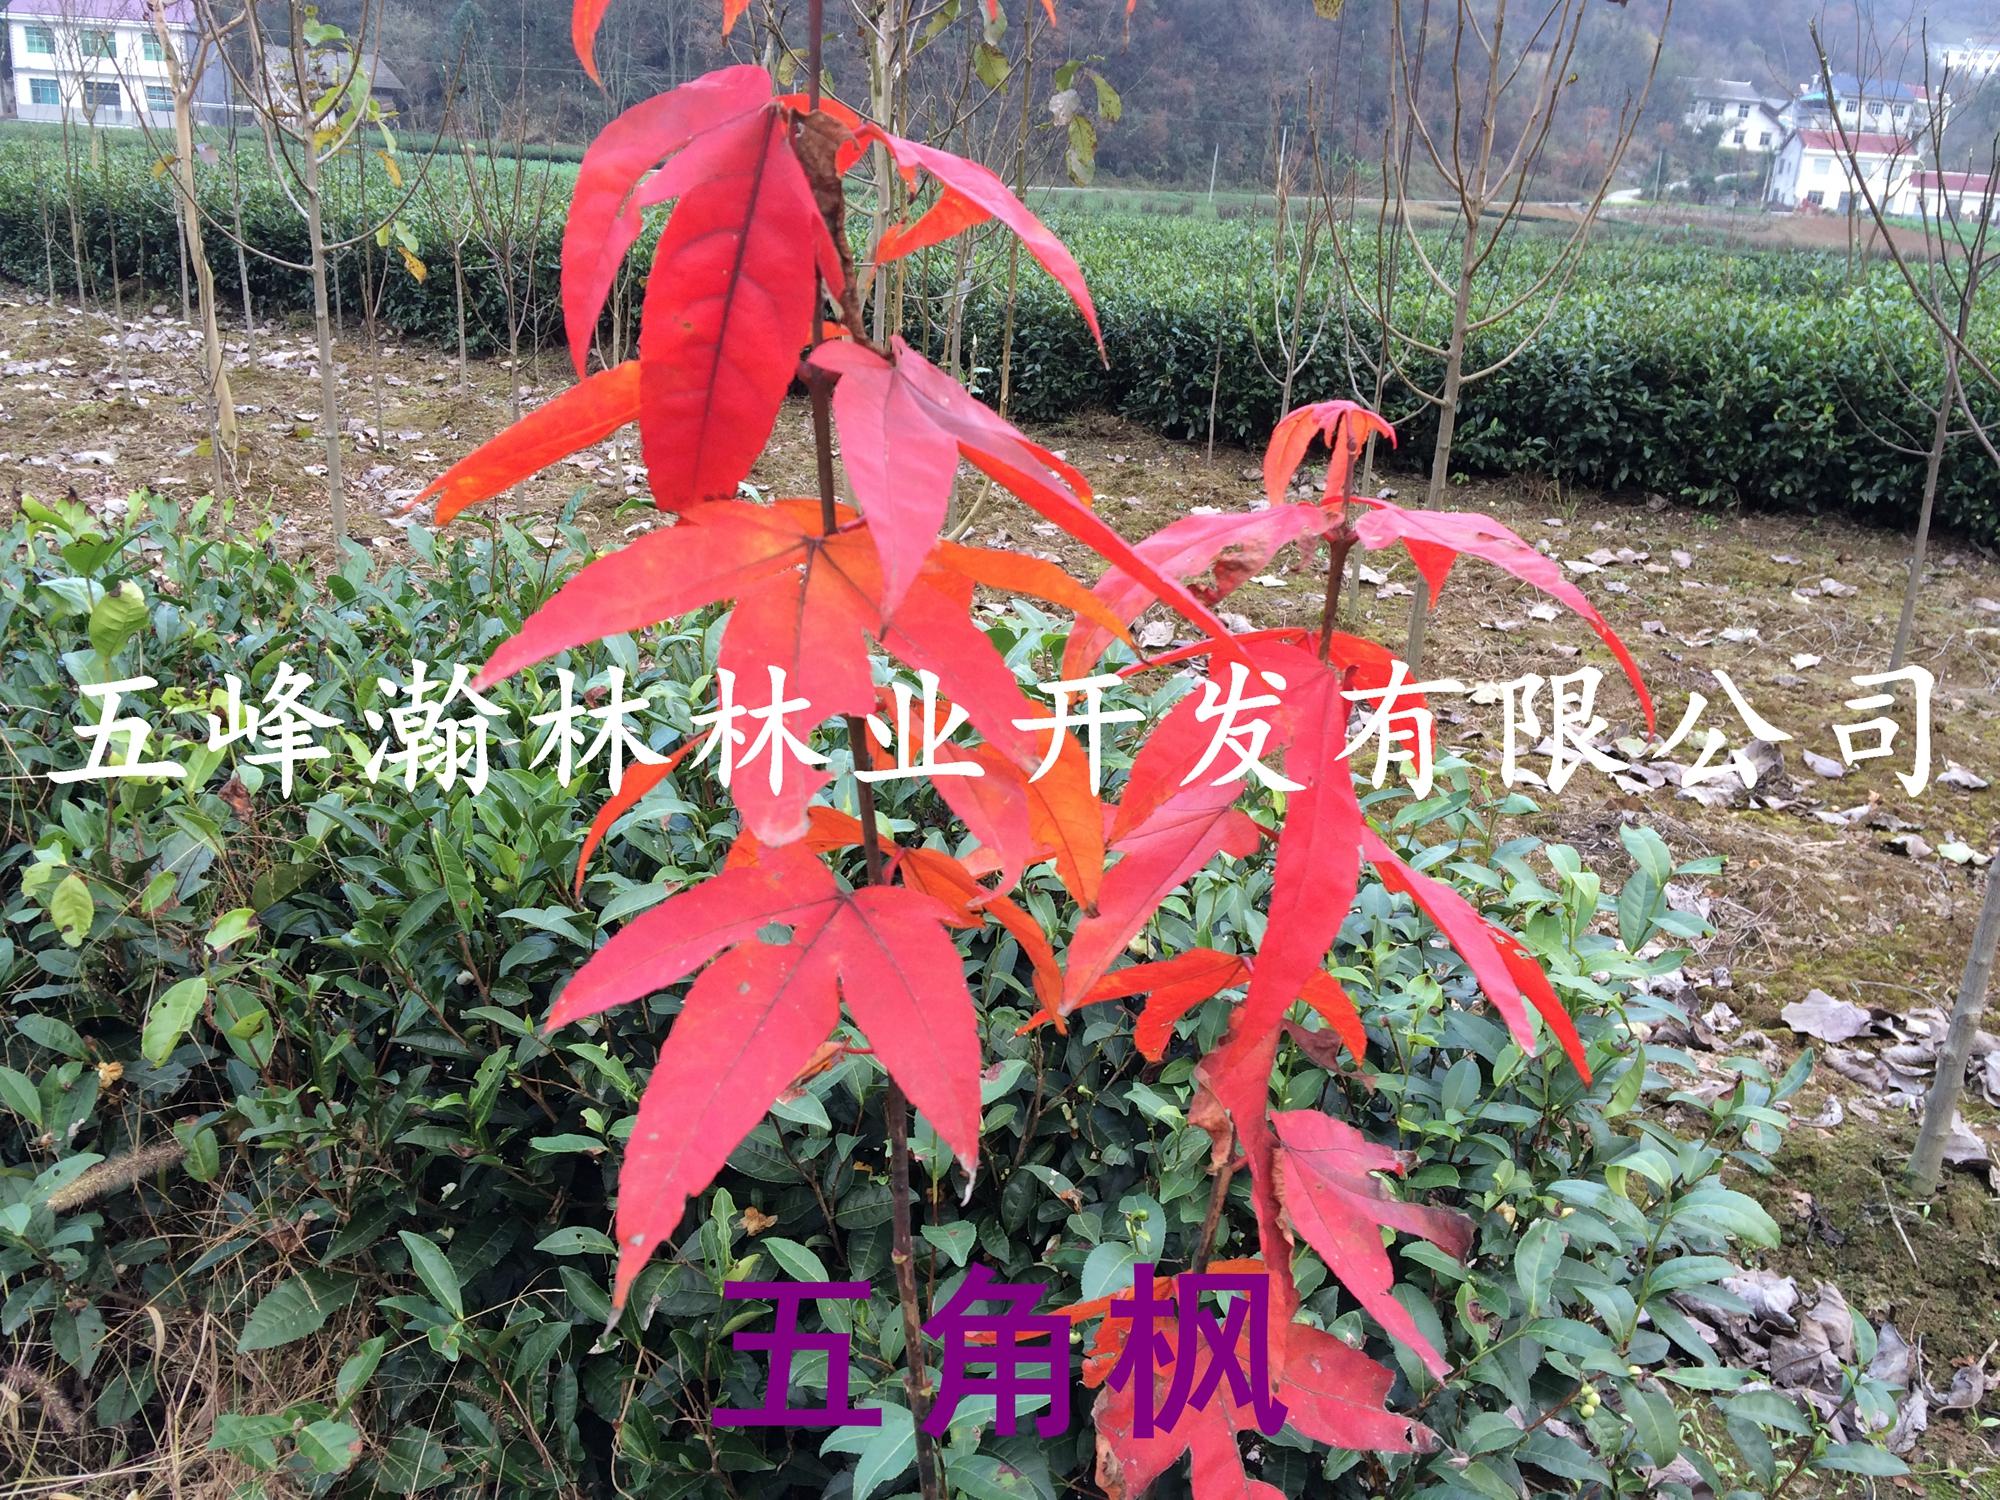 青枫树种子,青枫树种子批发出售销售